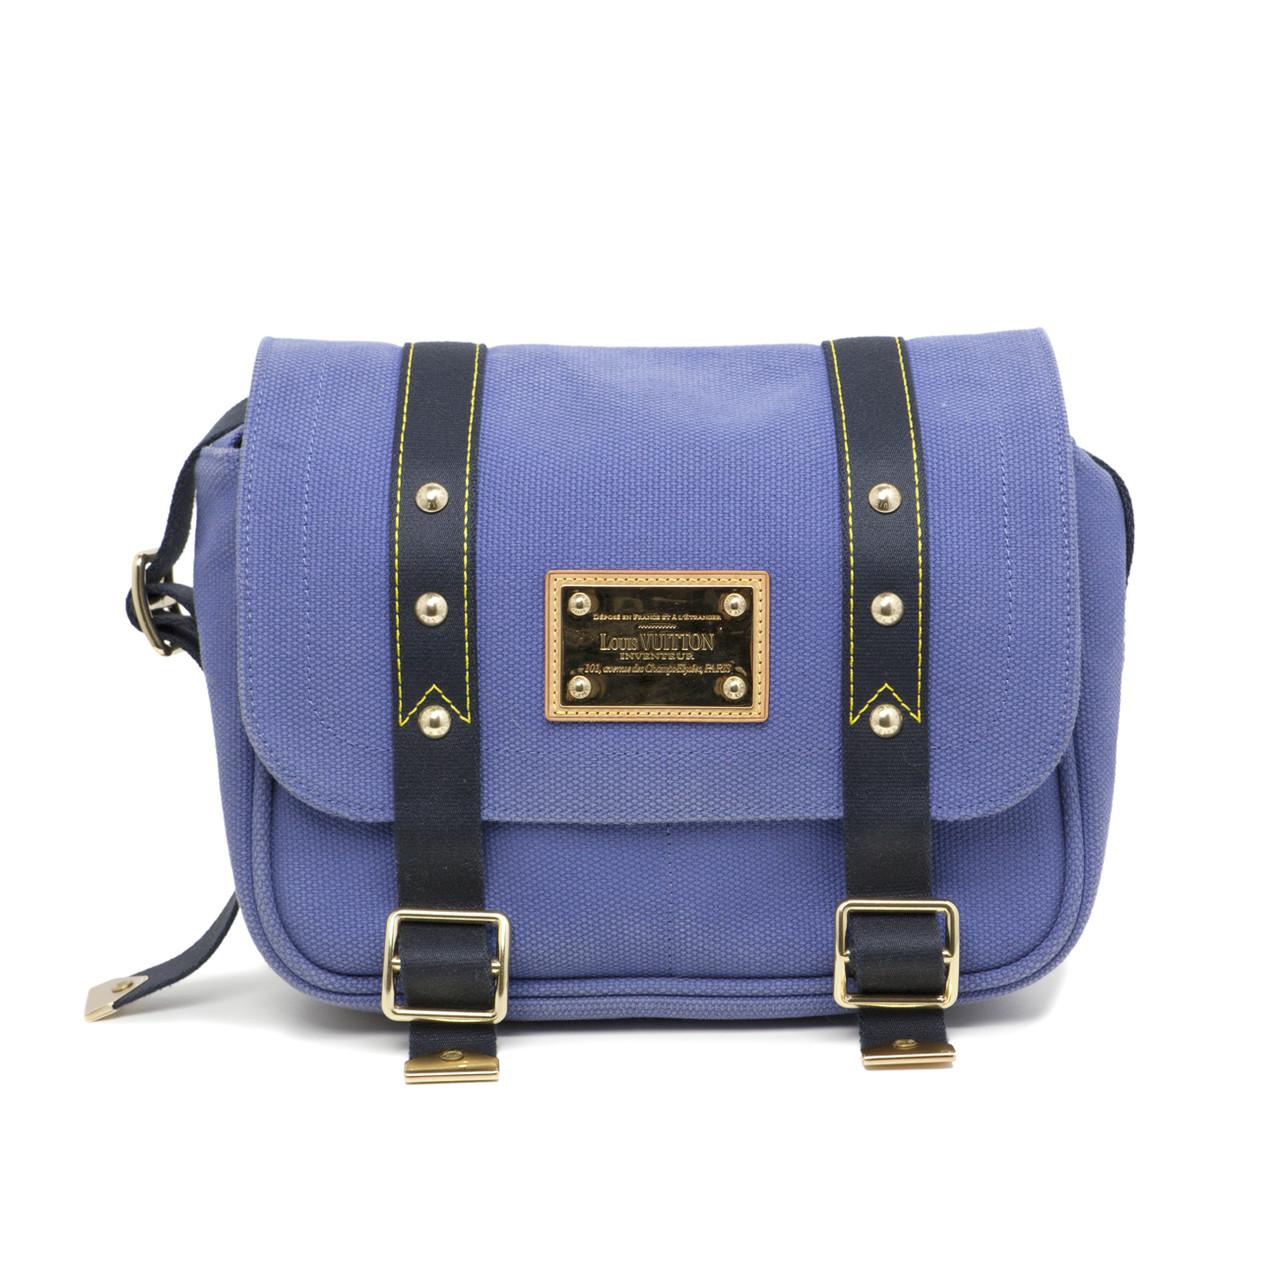 e3011413b Louis Vuitton Indigo Antigua Besace PM Messenger Bag - modaselle